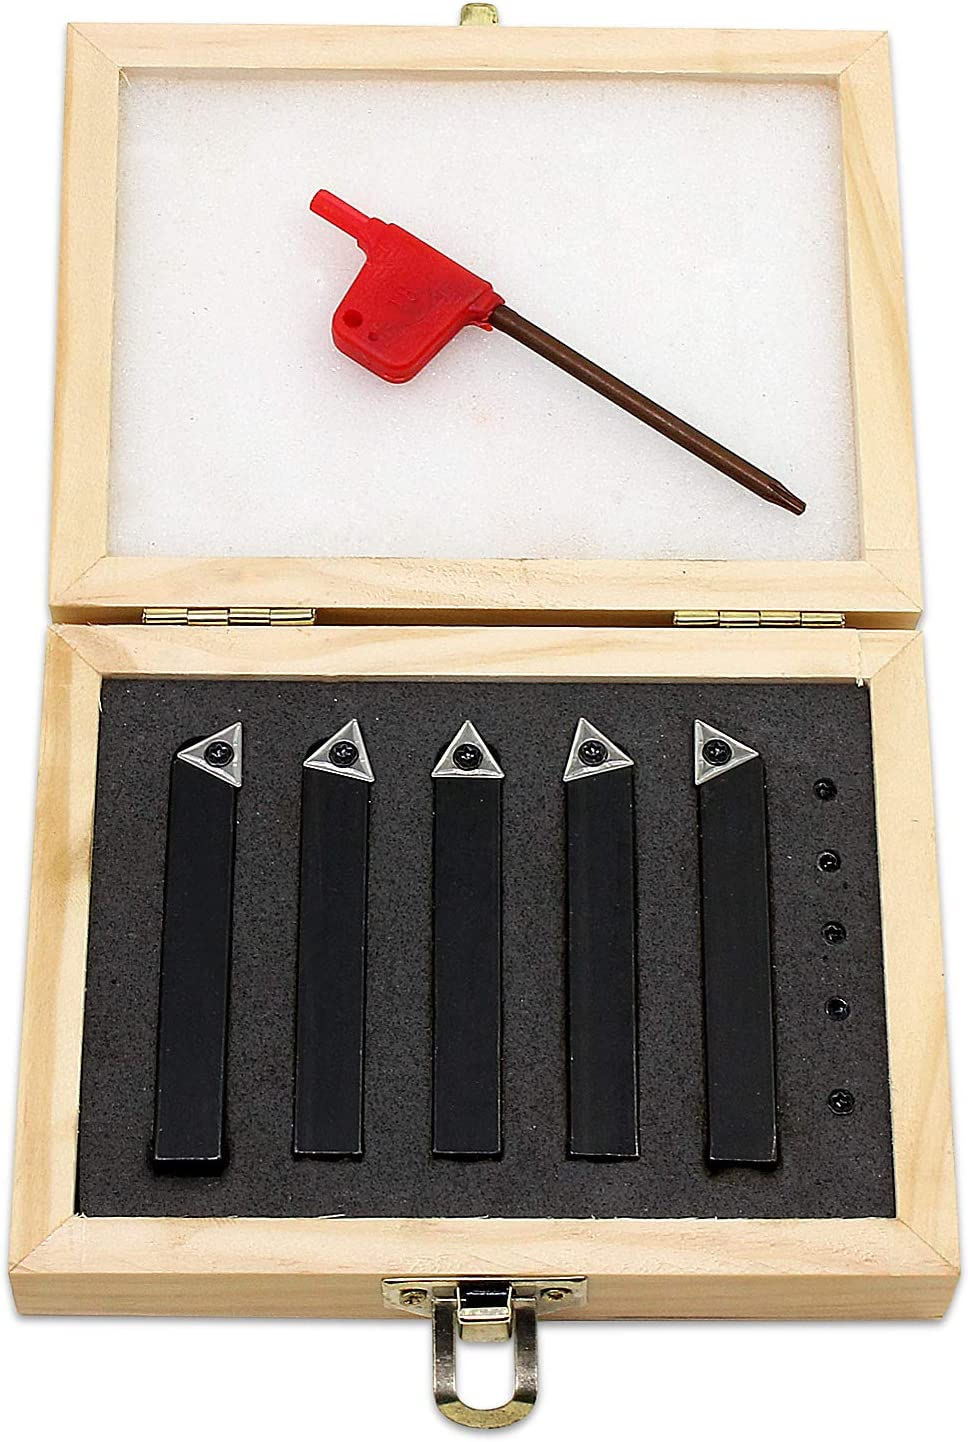 HSeaMall 5 piezas de herramientas de torneado de carburo indexable para torno, 10 mm, con punta de 3/8 pulgadas, juego de herramientas para máquina ...